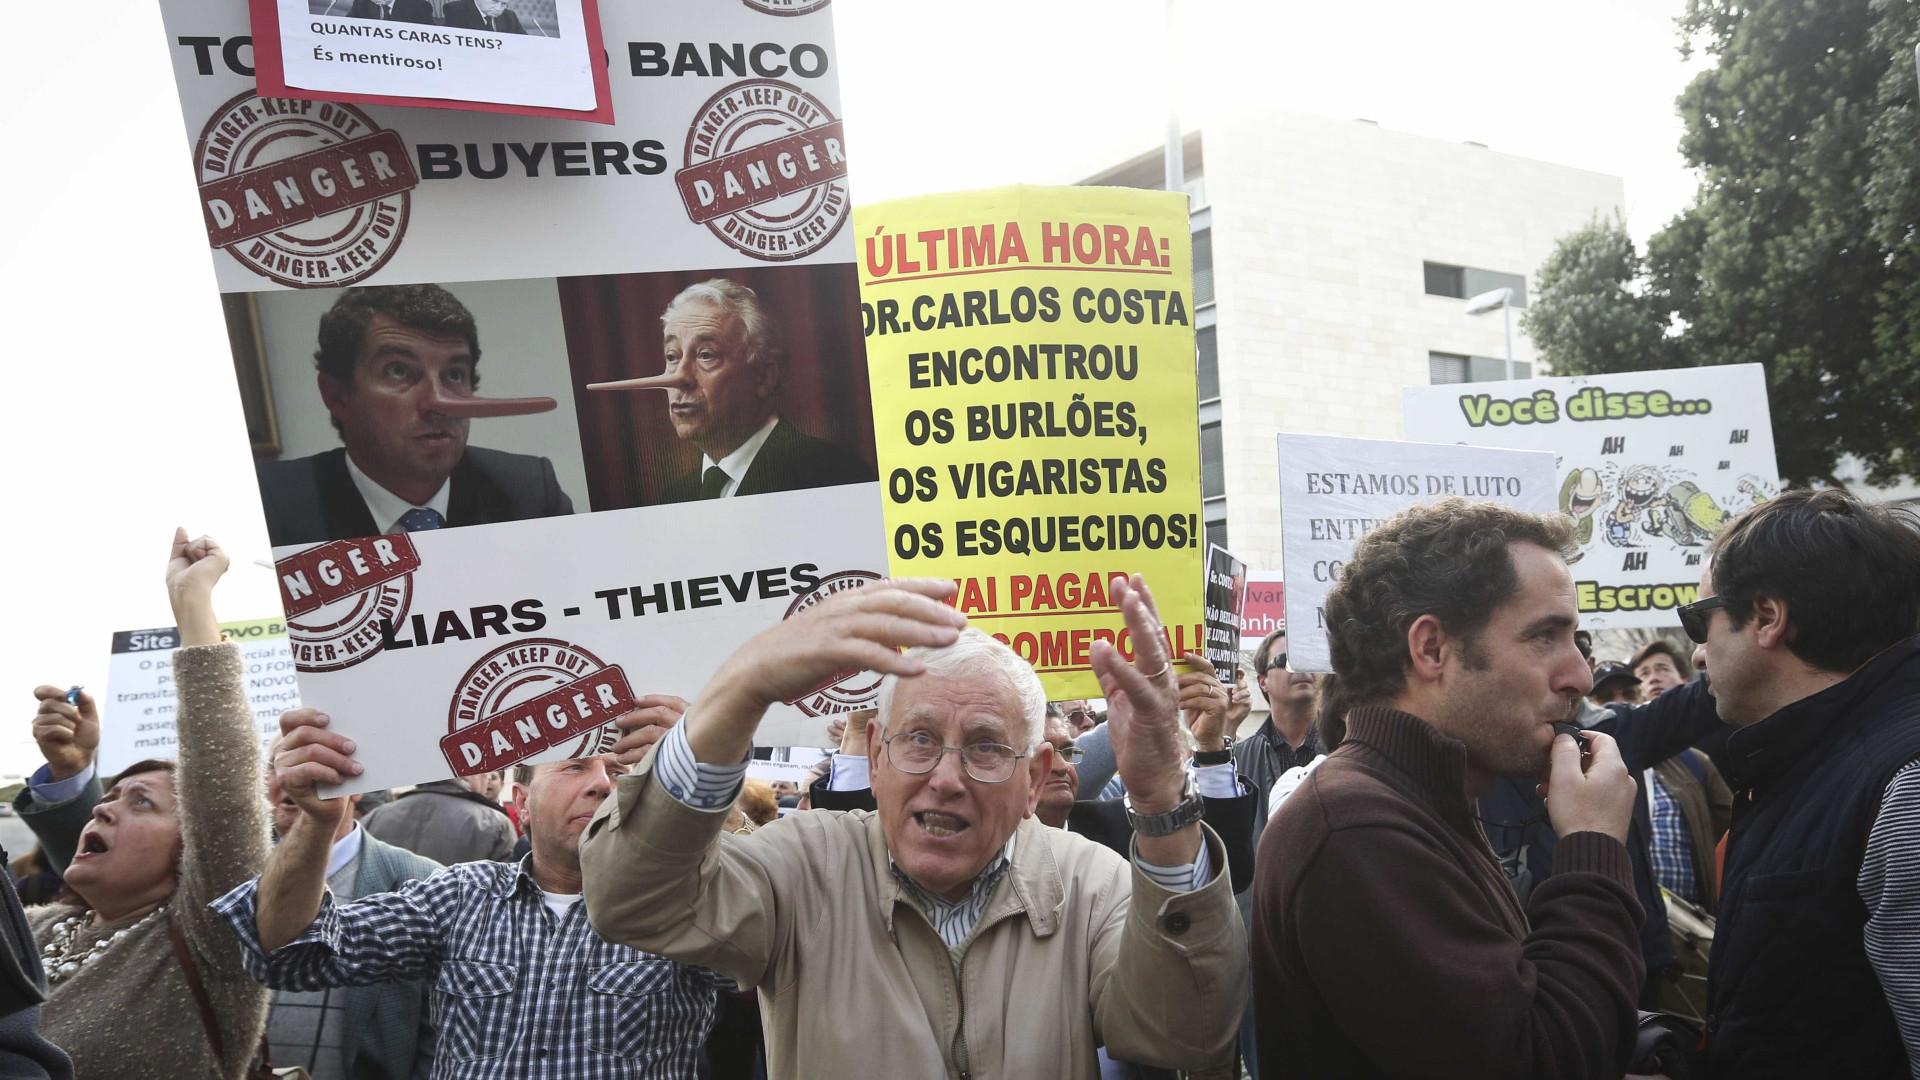 Lesados protestam hoje frente à sede do PS que acusam de falhar promessa